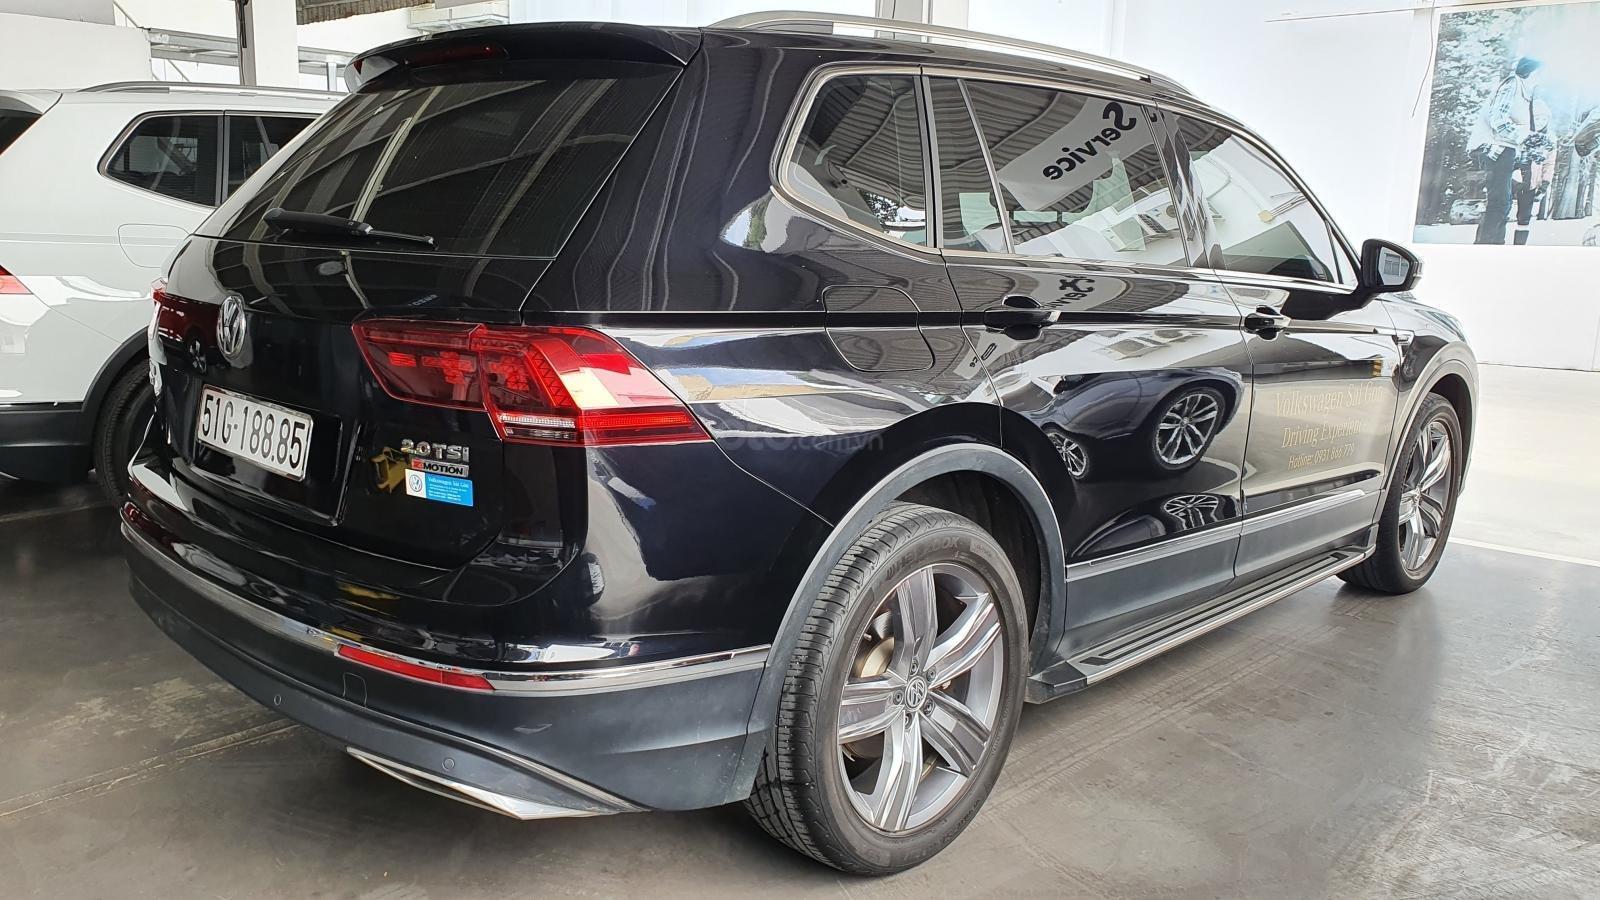 Xe công ty cần thanh lý xe Tiguan Allspace màu đen - nhiều option giá hạt dẻ, liên hệ Mr. Hùng Lâm VW Sài Gòn (3)